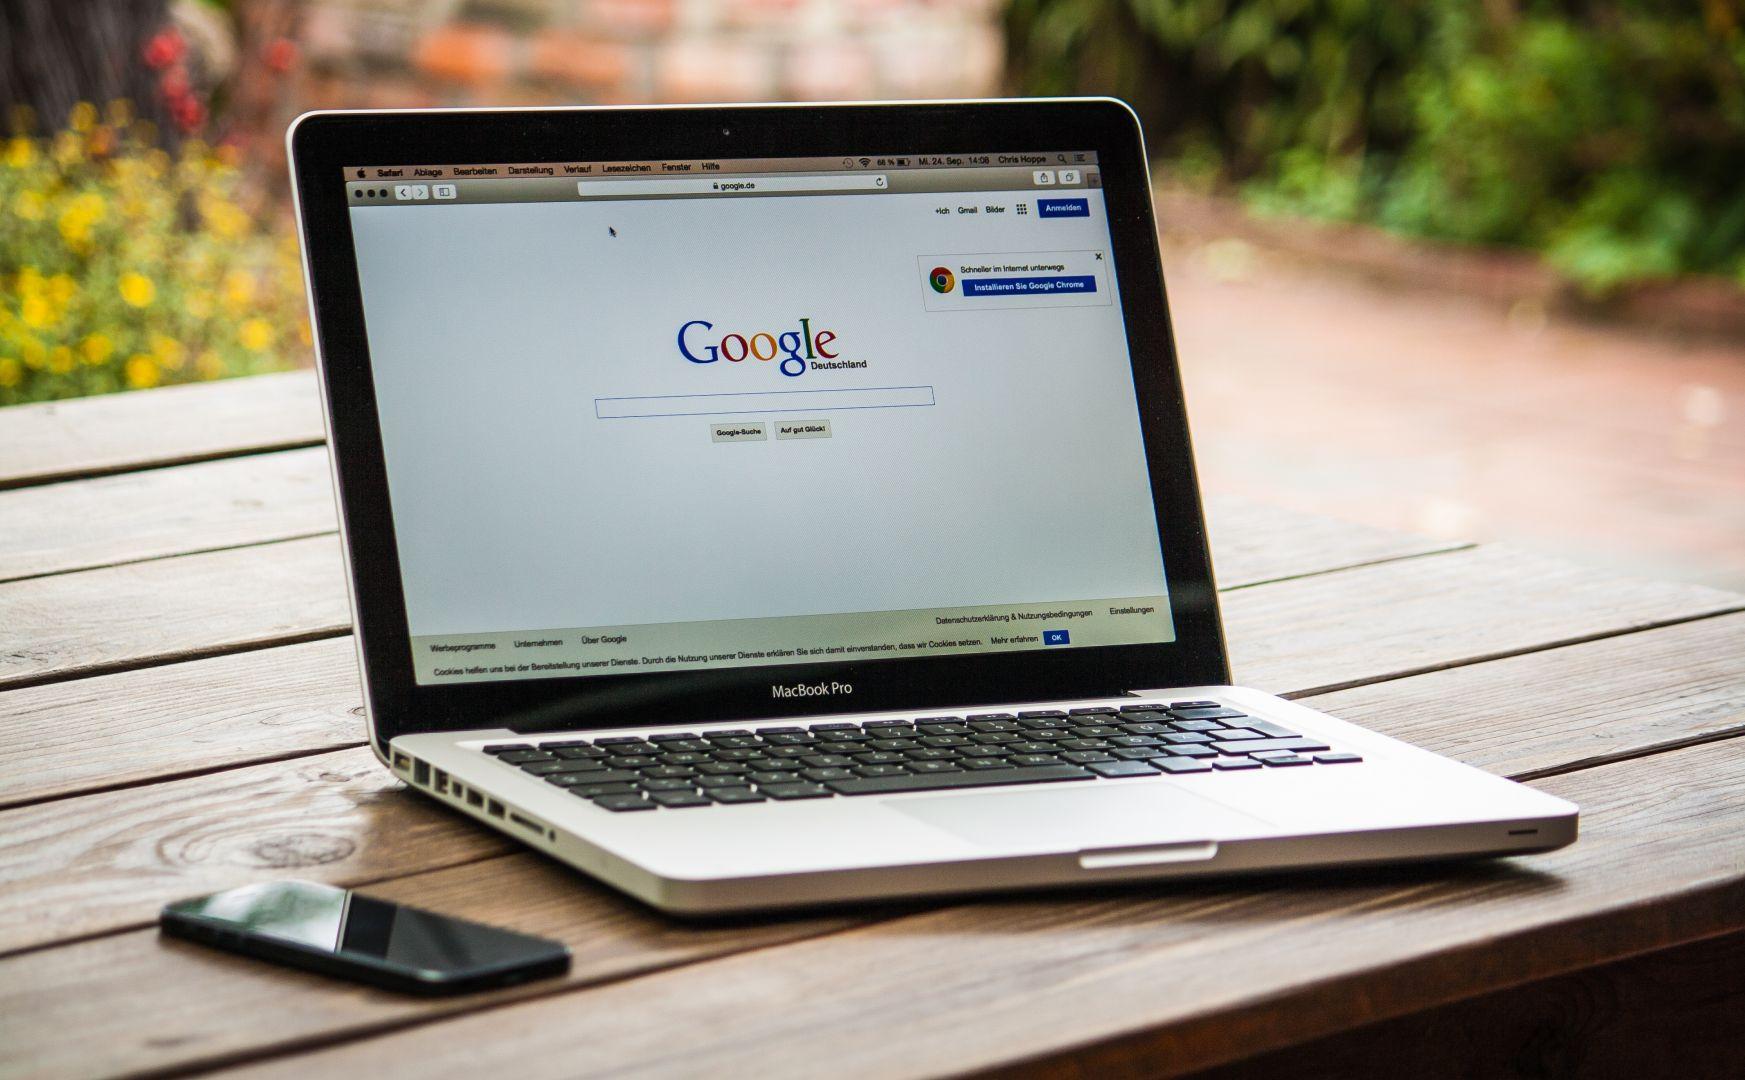 Роскомнадзор забанил Google: поисковик внесли в список запрещённых интернет-ресурсов